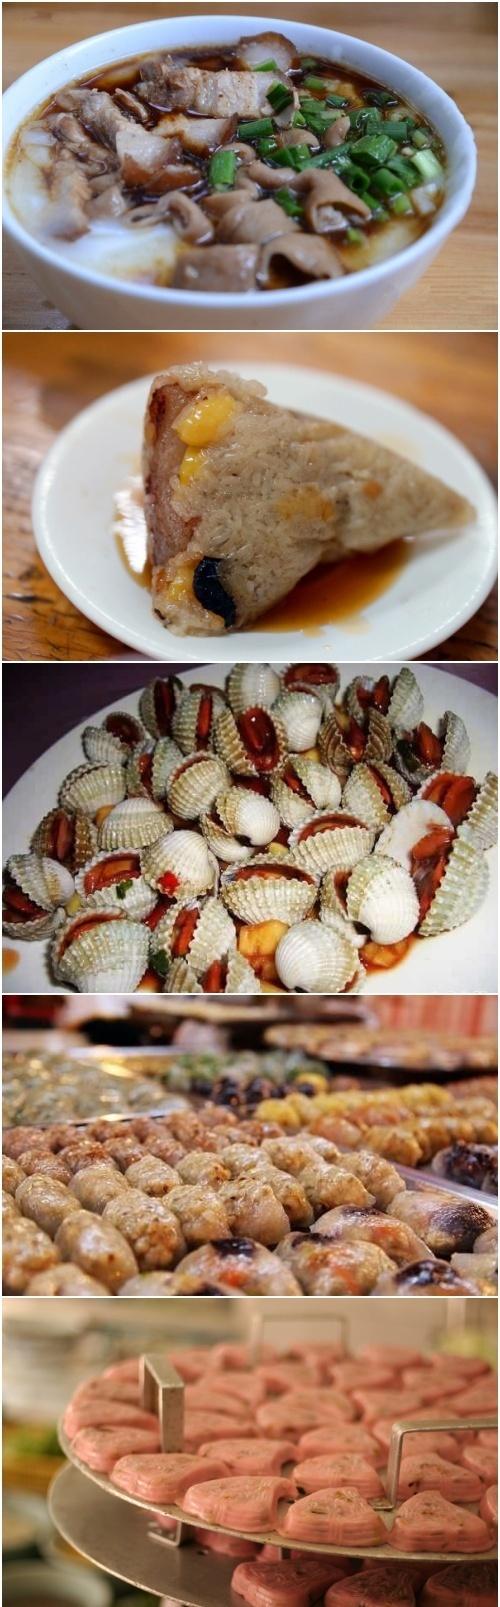 如果生在潮汕吃成一个胖子是可以被原谅的因为这里的美食实在太太太太